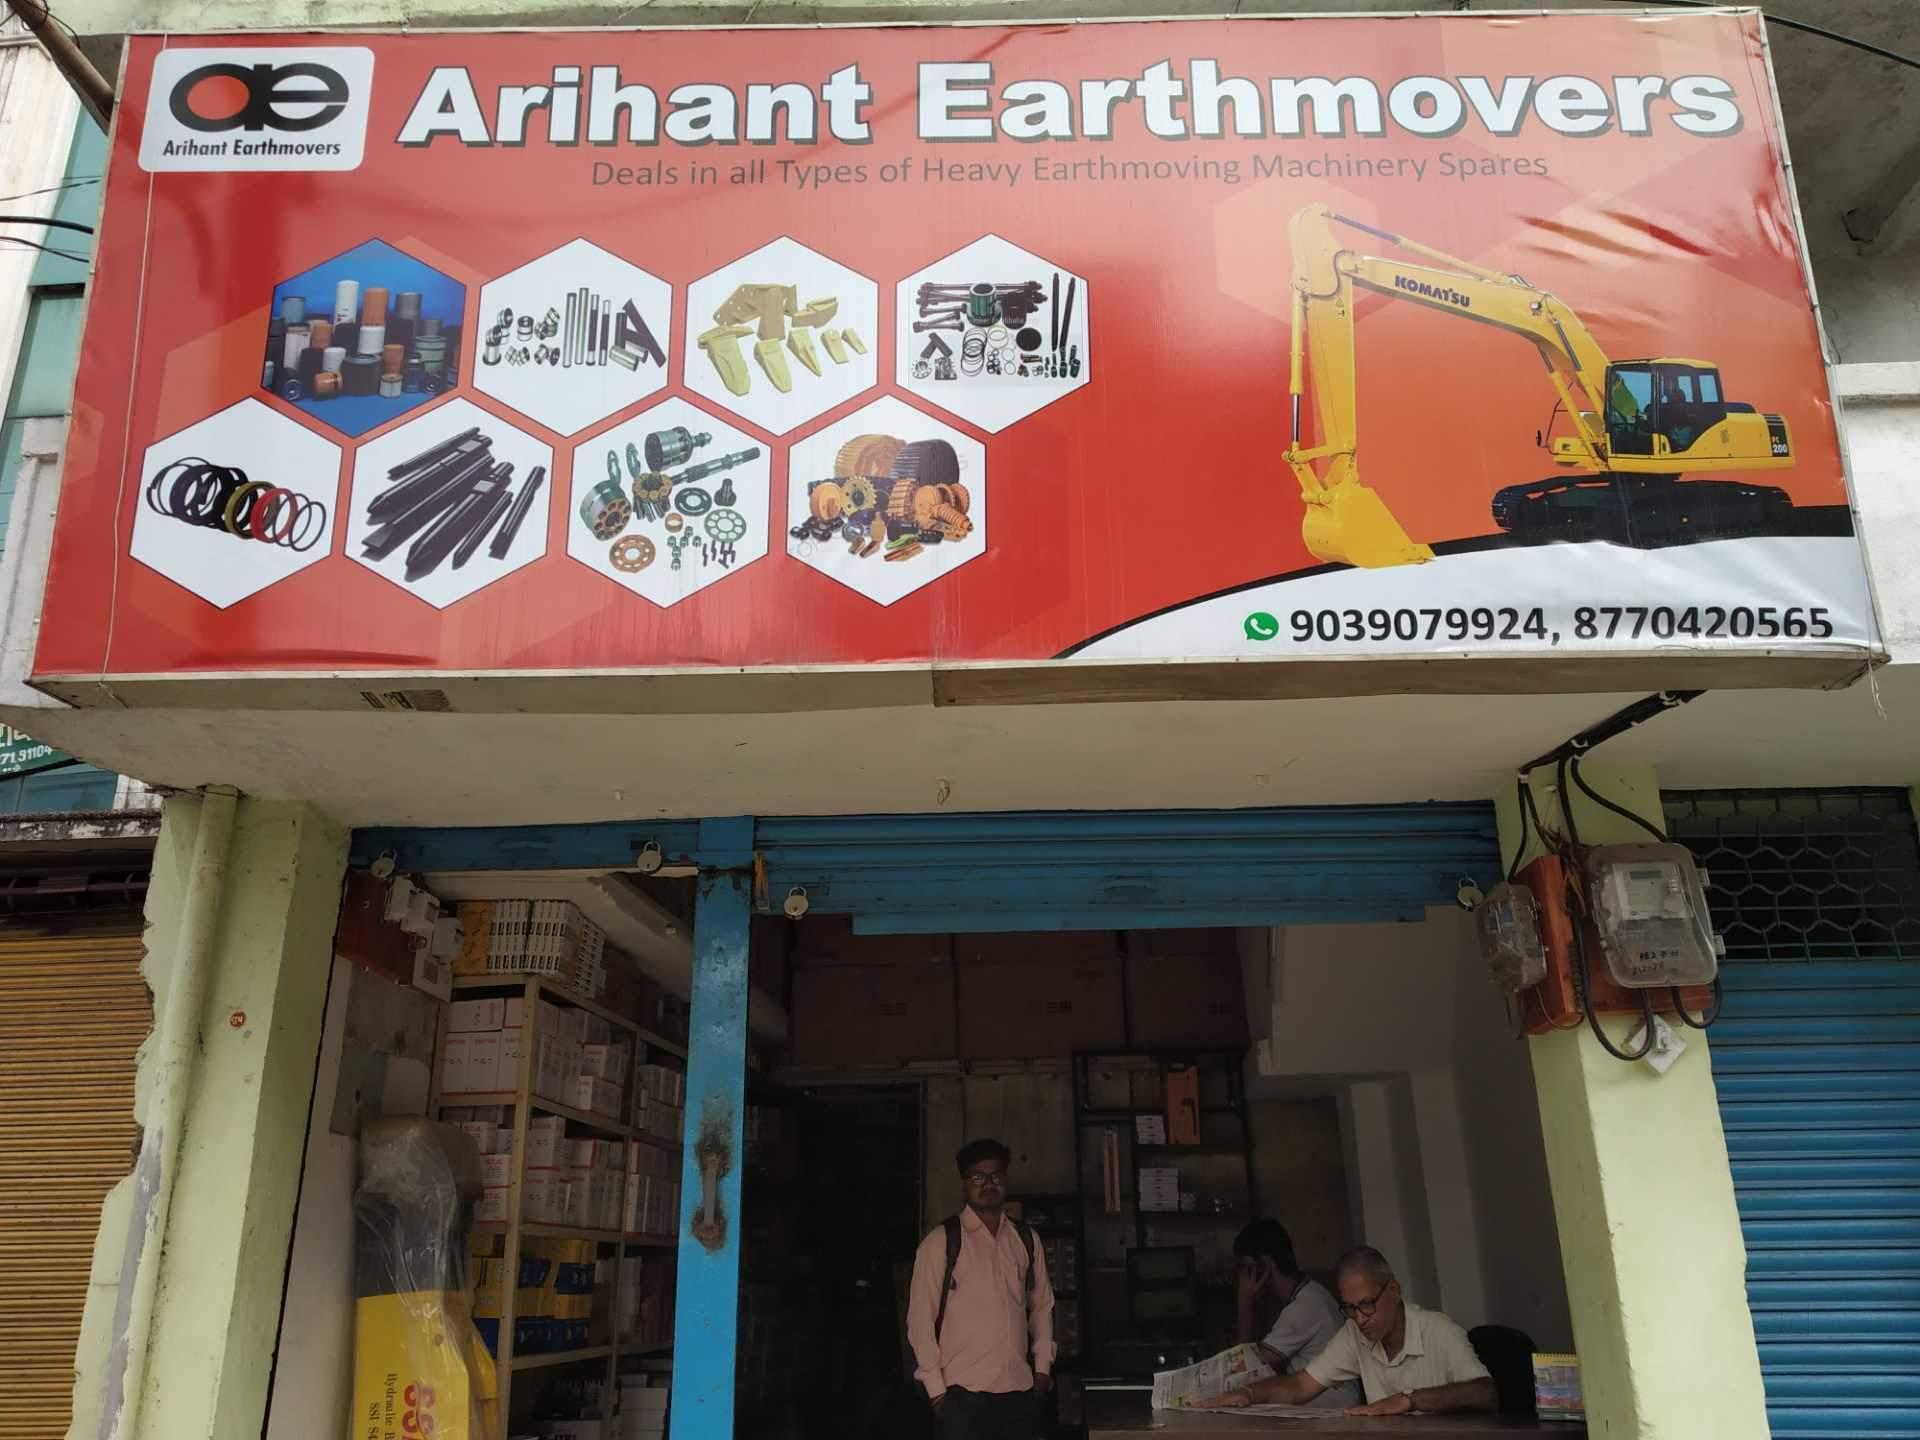 Top 10 Jcb Earthmover Part Dealers in Raipur Chhattisgarh